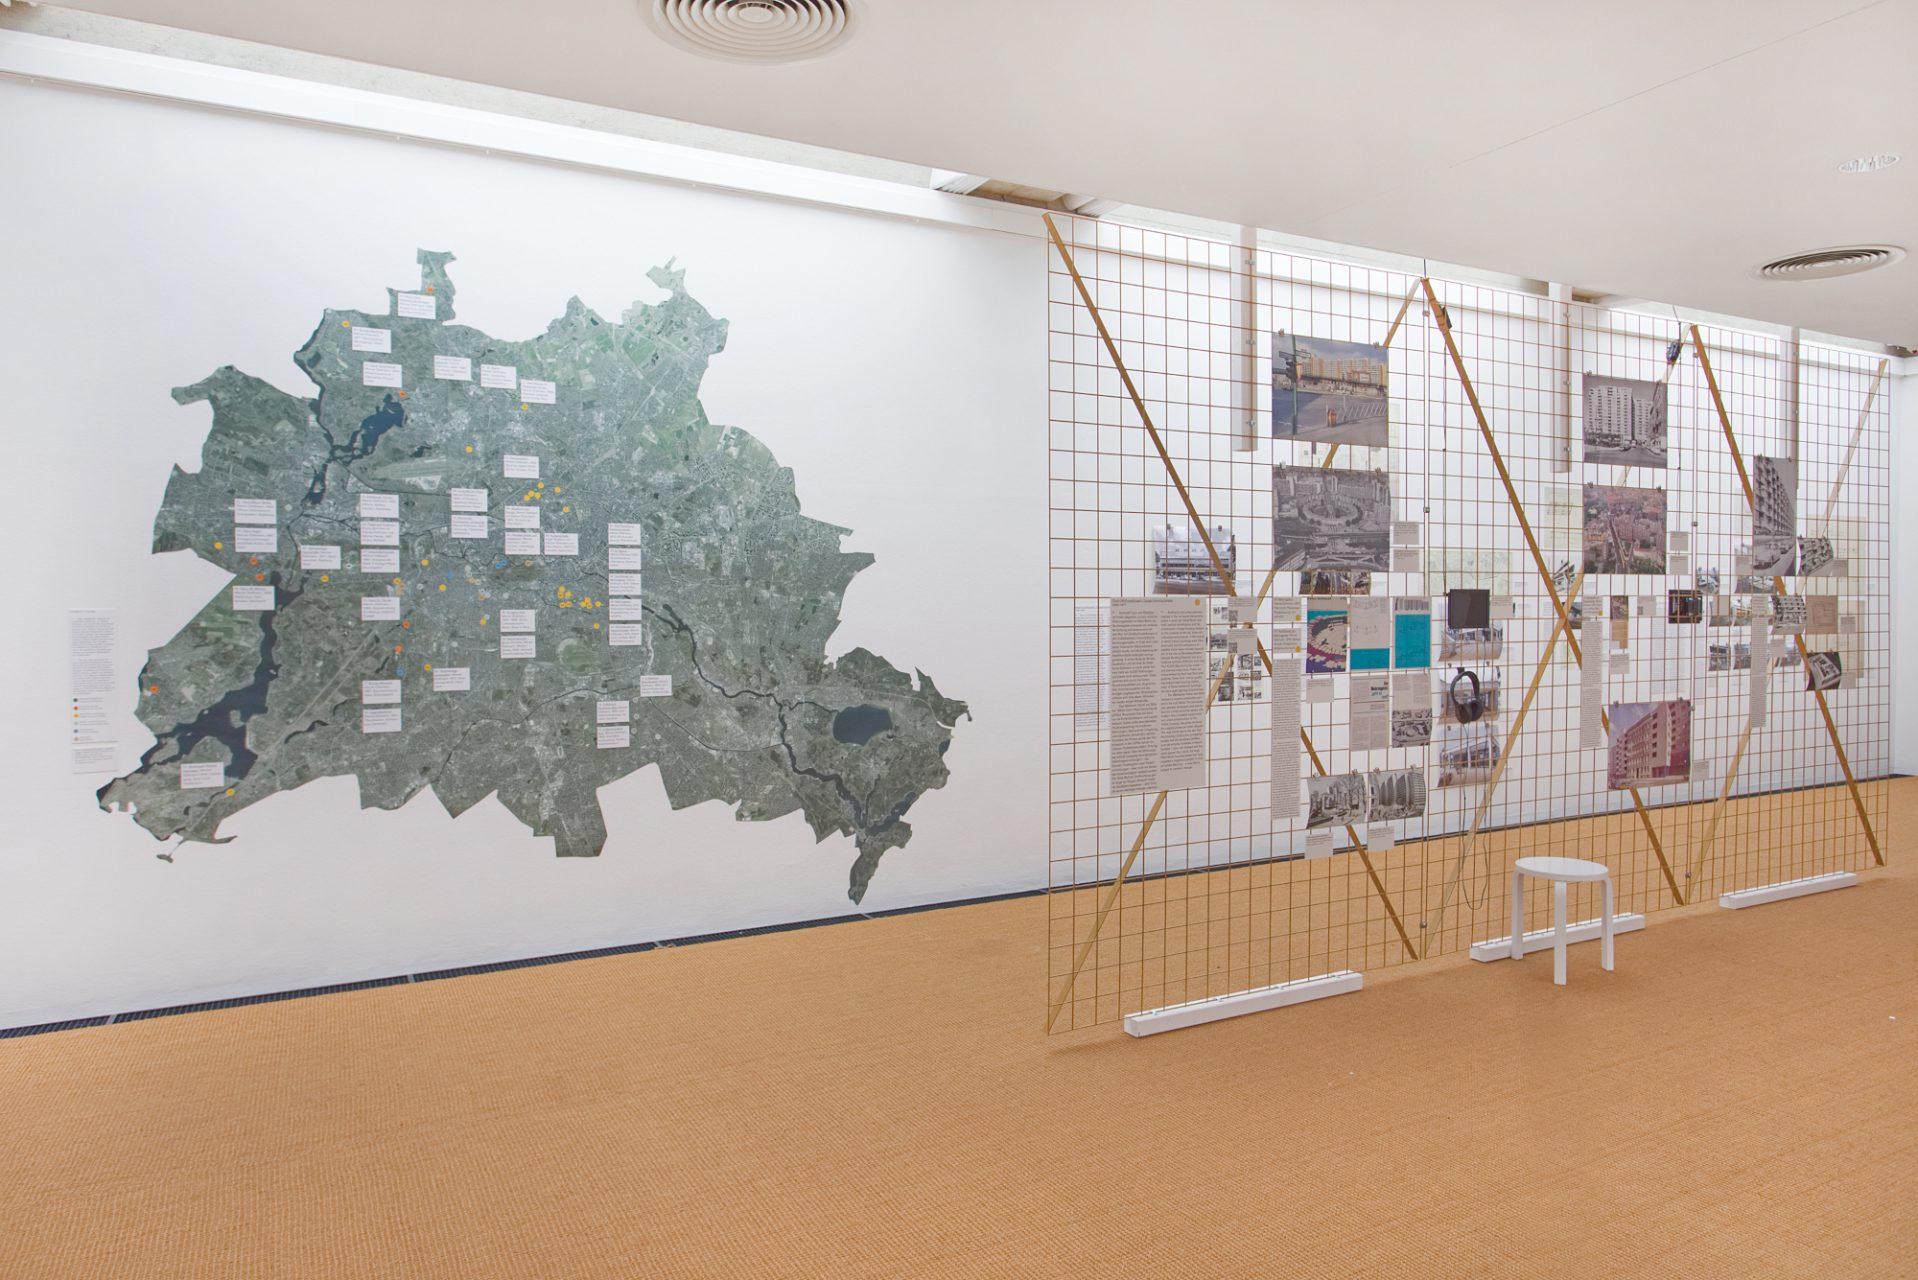 Installationsansicht Werner Düttmann. Berlin. Bau. Werk, Brücke-Museum, 2021.